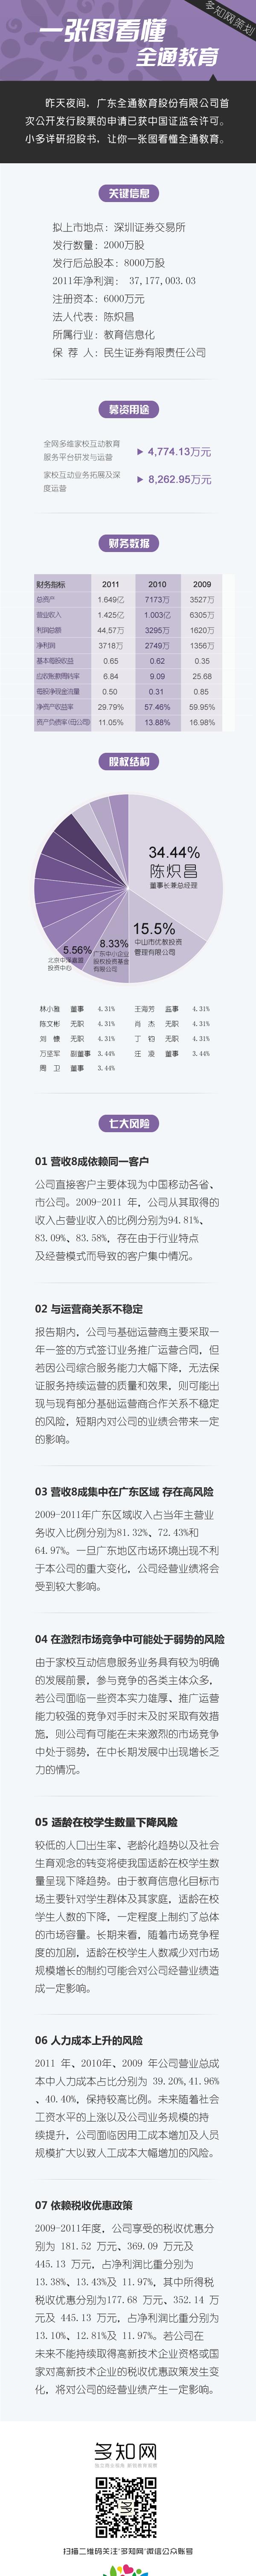 内容策划11_图解全通IPO